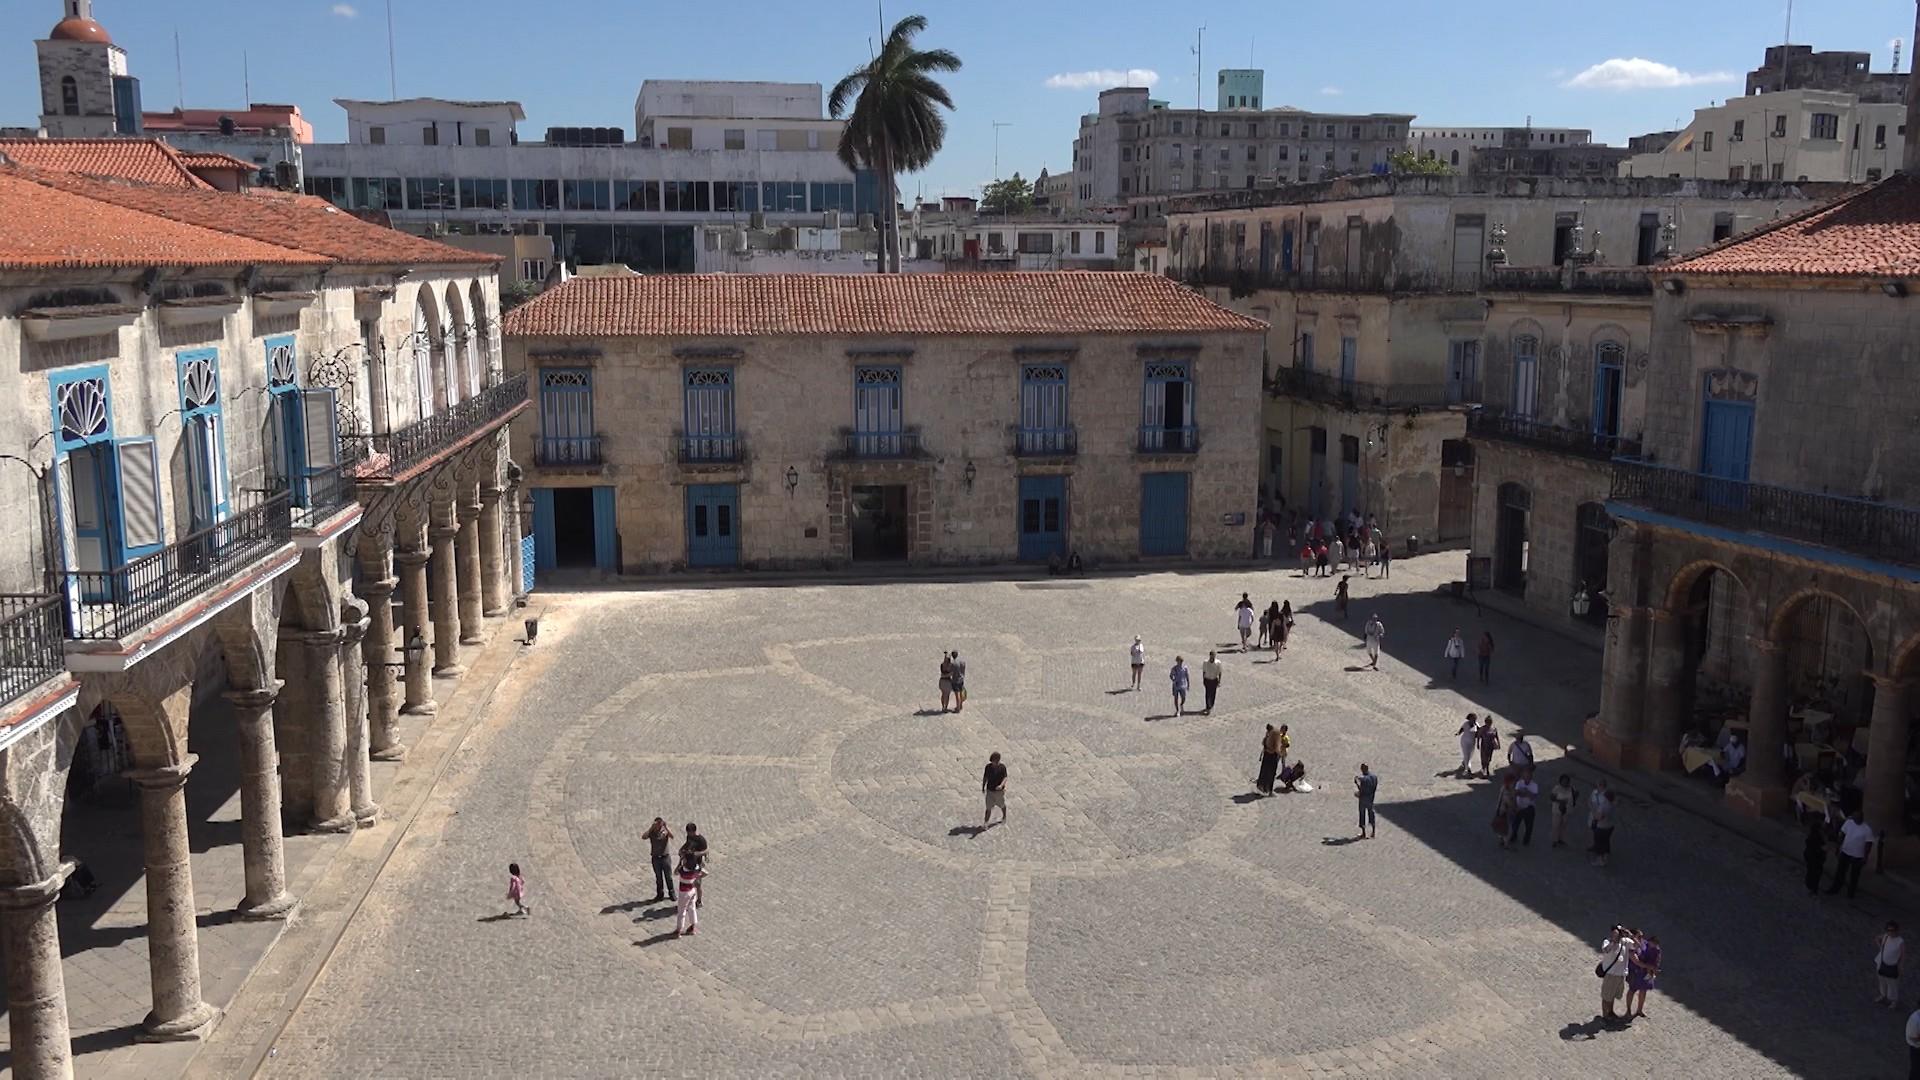 Centro histórico de Havana, Cuba (Foto: Divulgação)